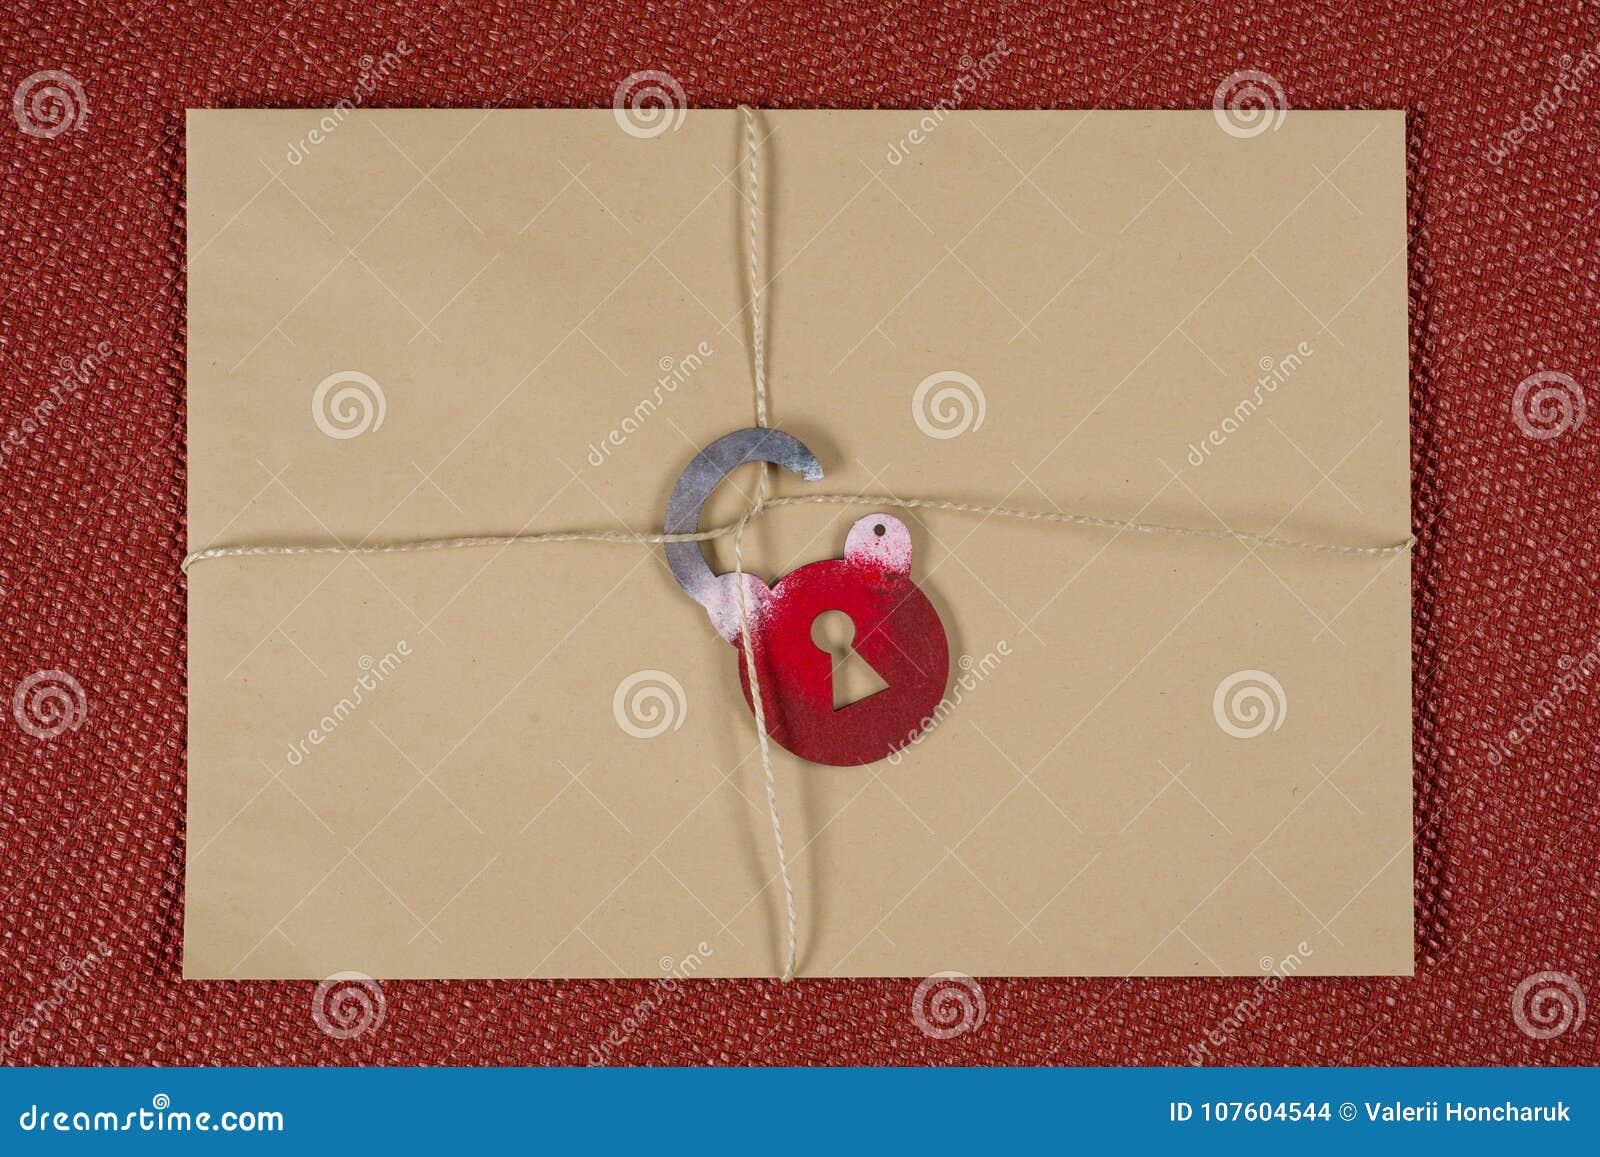 Een geheime envelop, een pakket bond met een kabel, met symbolisch slot Open het slot